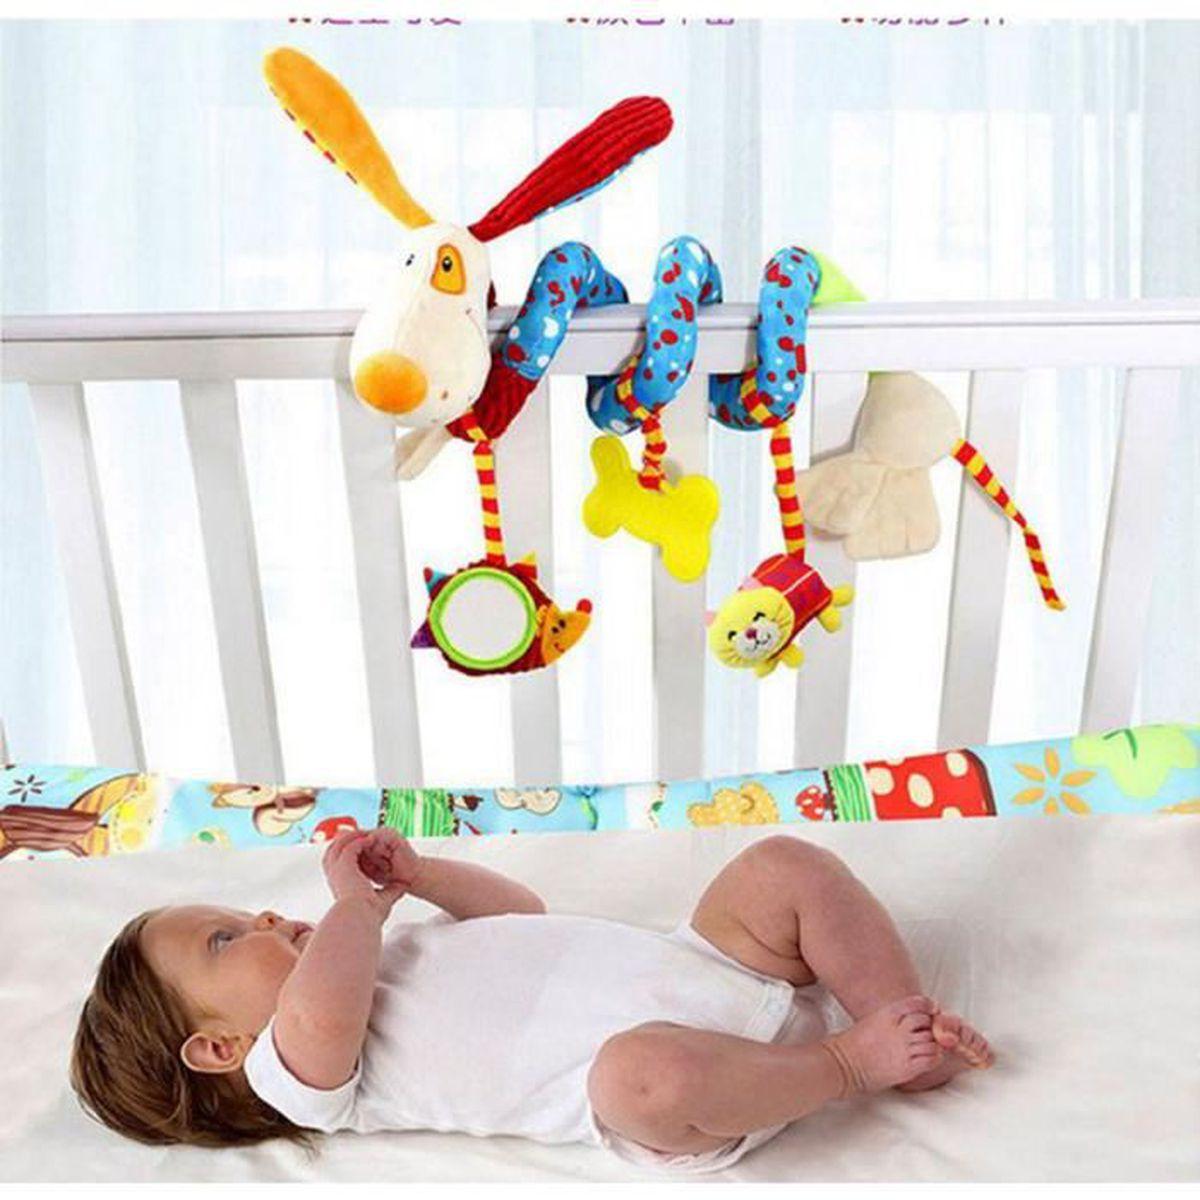 spirale d 39 activit s b b jouet spiraloo chien bleu bleu achat vente spirale tortillon. Black Bedroom Furniture Sets. Home Design Ideas